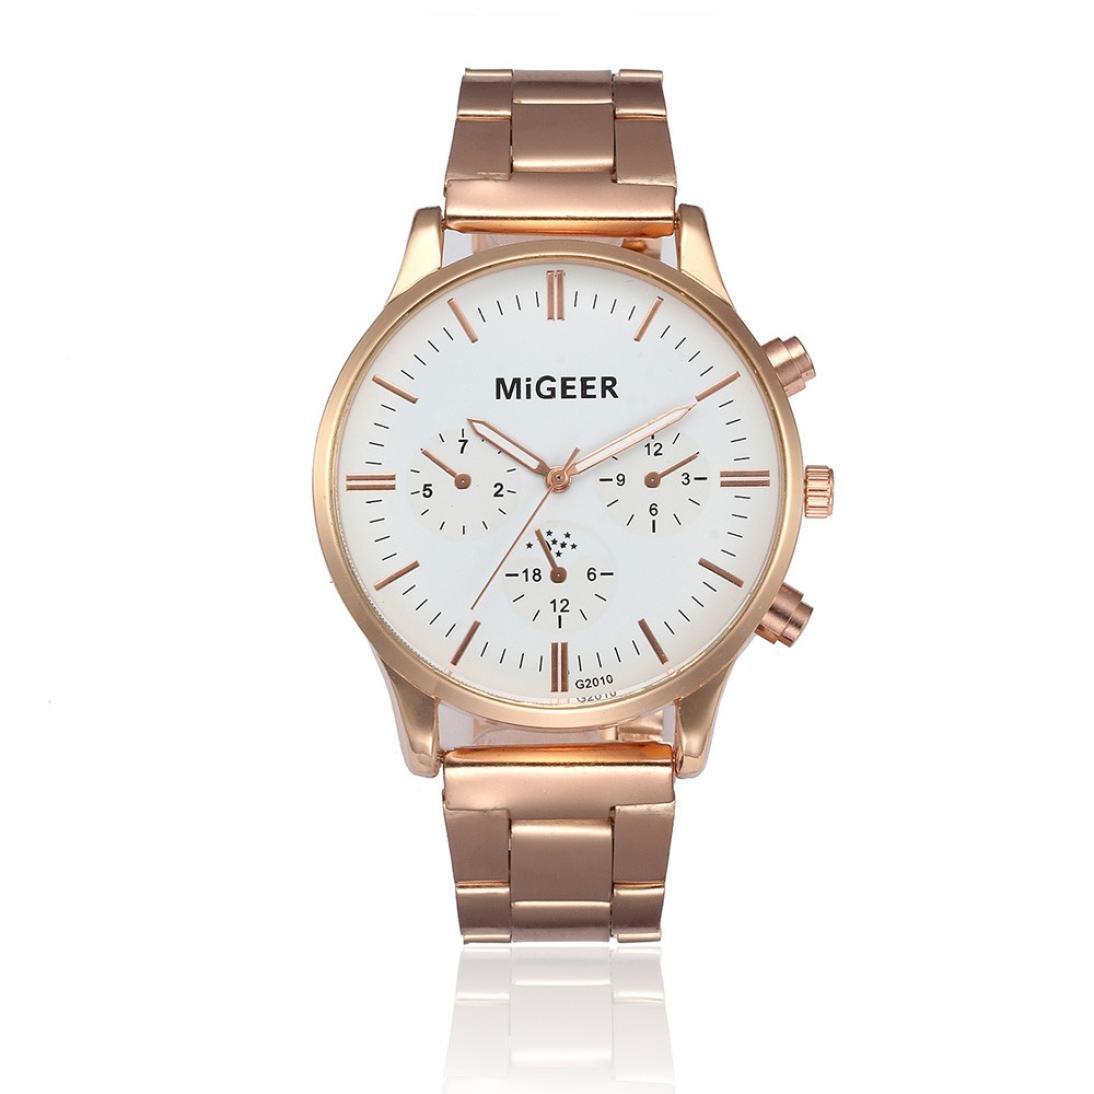 メンズビジネスウォッチ SINMAファッションスチールバンド腕時計 アナログクォーツ腕時計 MIGEER ホワイト B07283LXCLホワイト